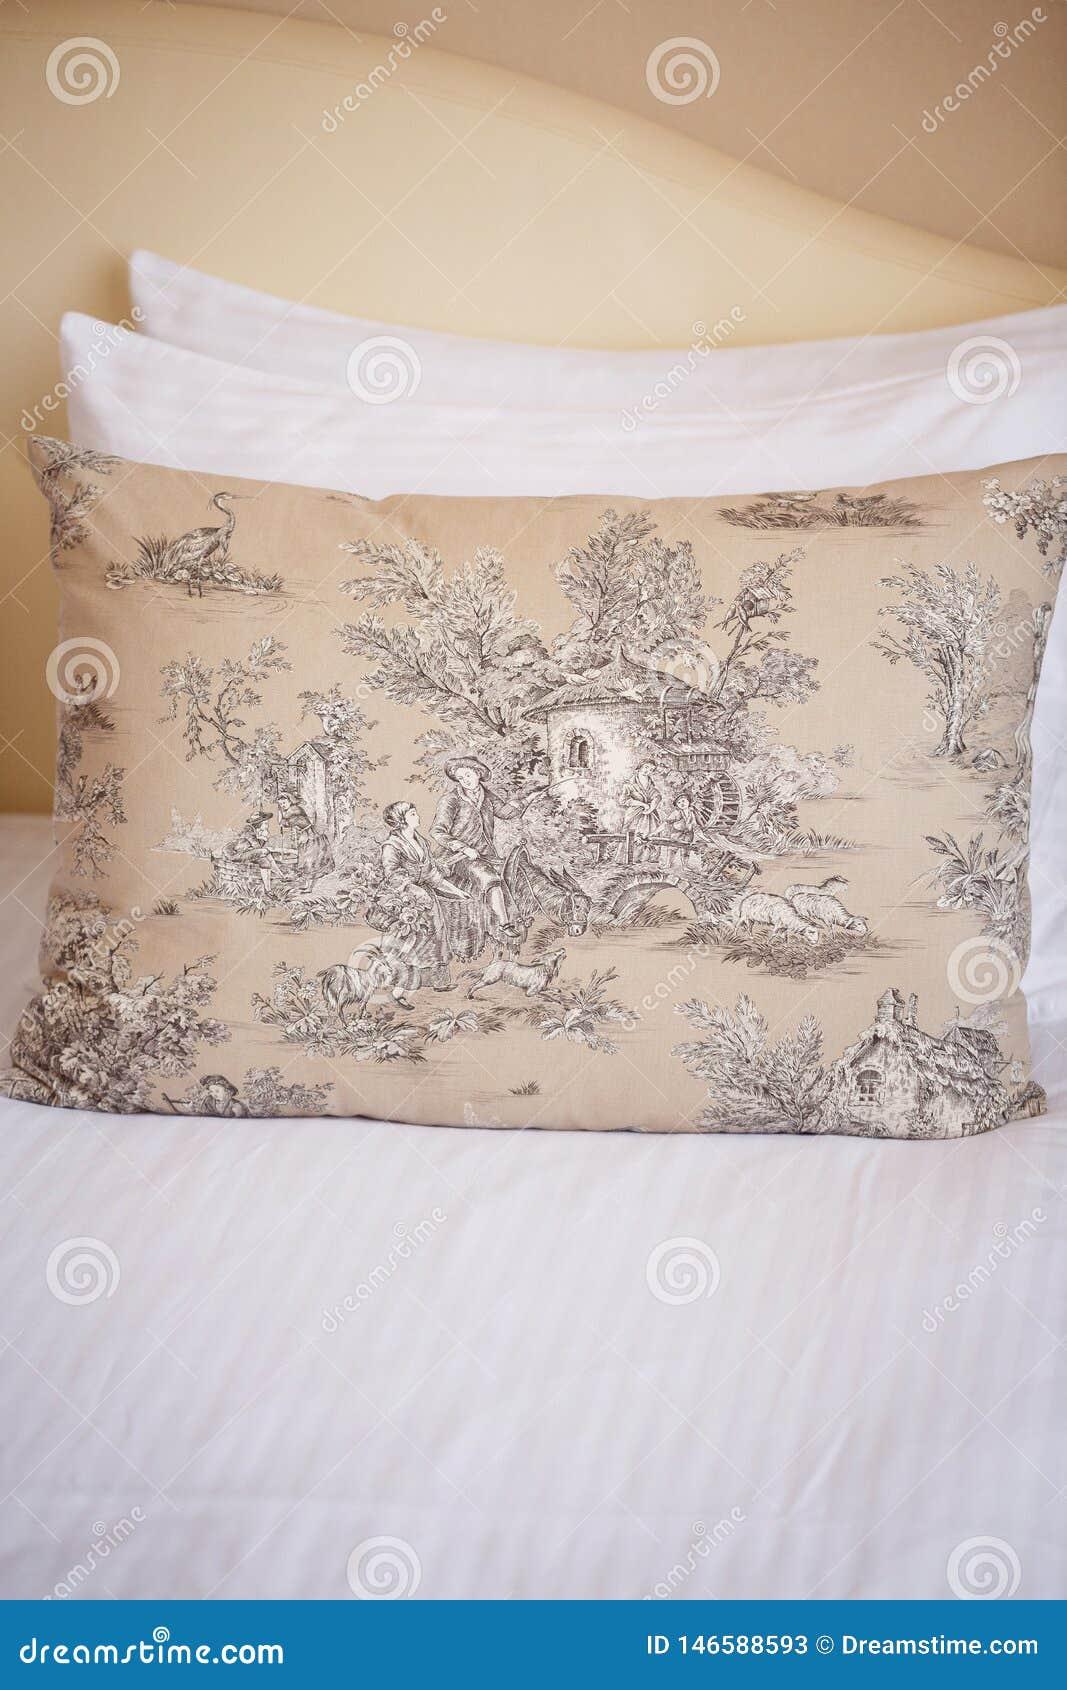 Υπάρχουν τρία μαξιλάρια στο ελαφρύ κρεβάτι